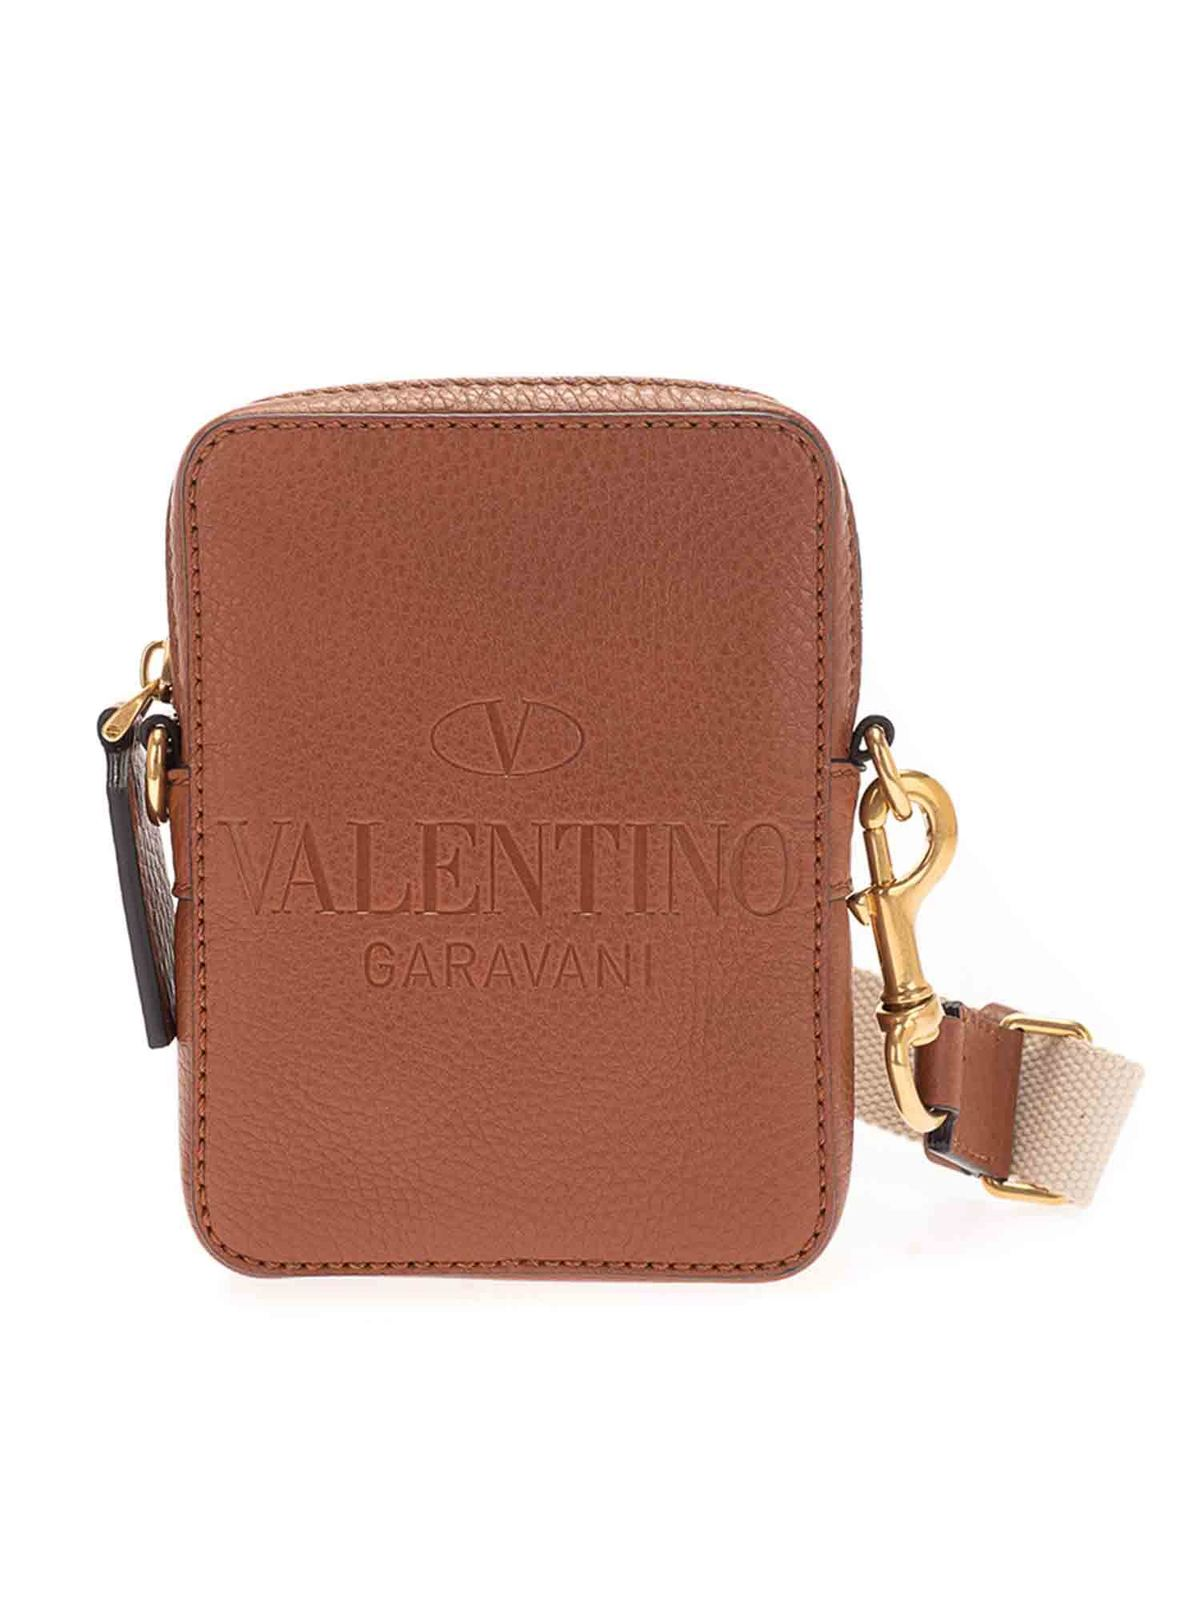 Valentino LOGO CROSS BODY BAG IN BROWN